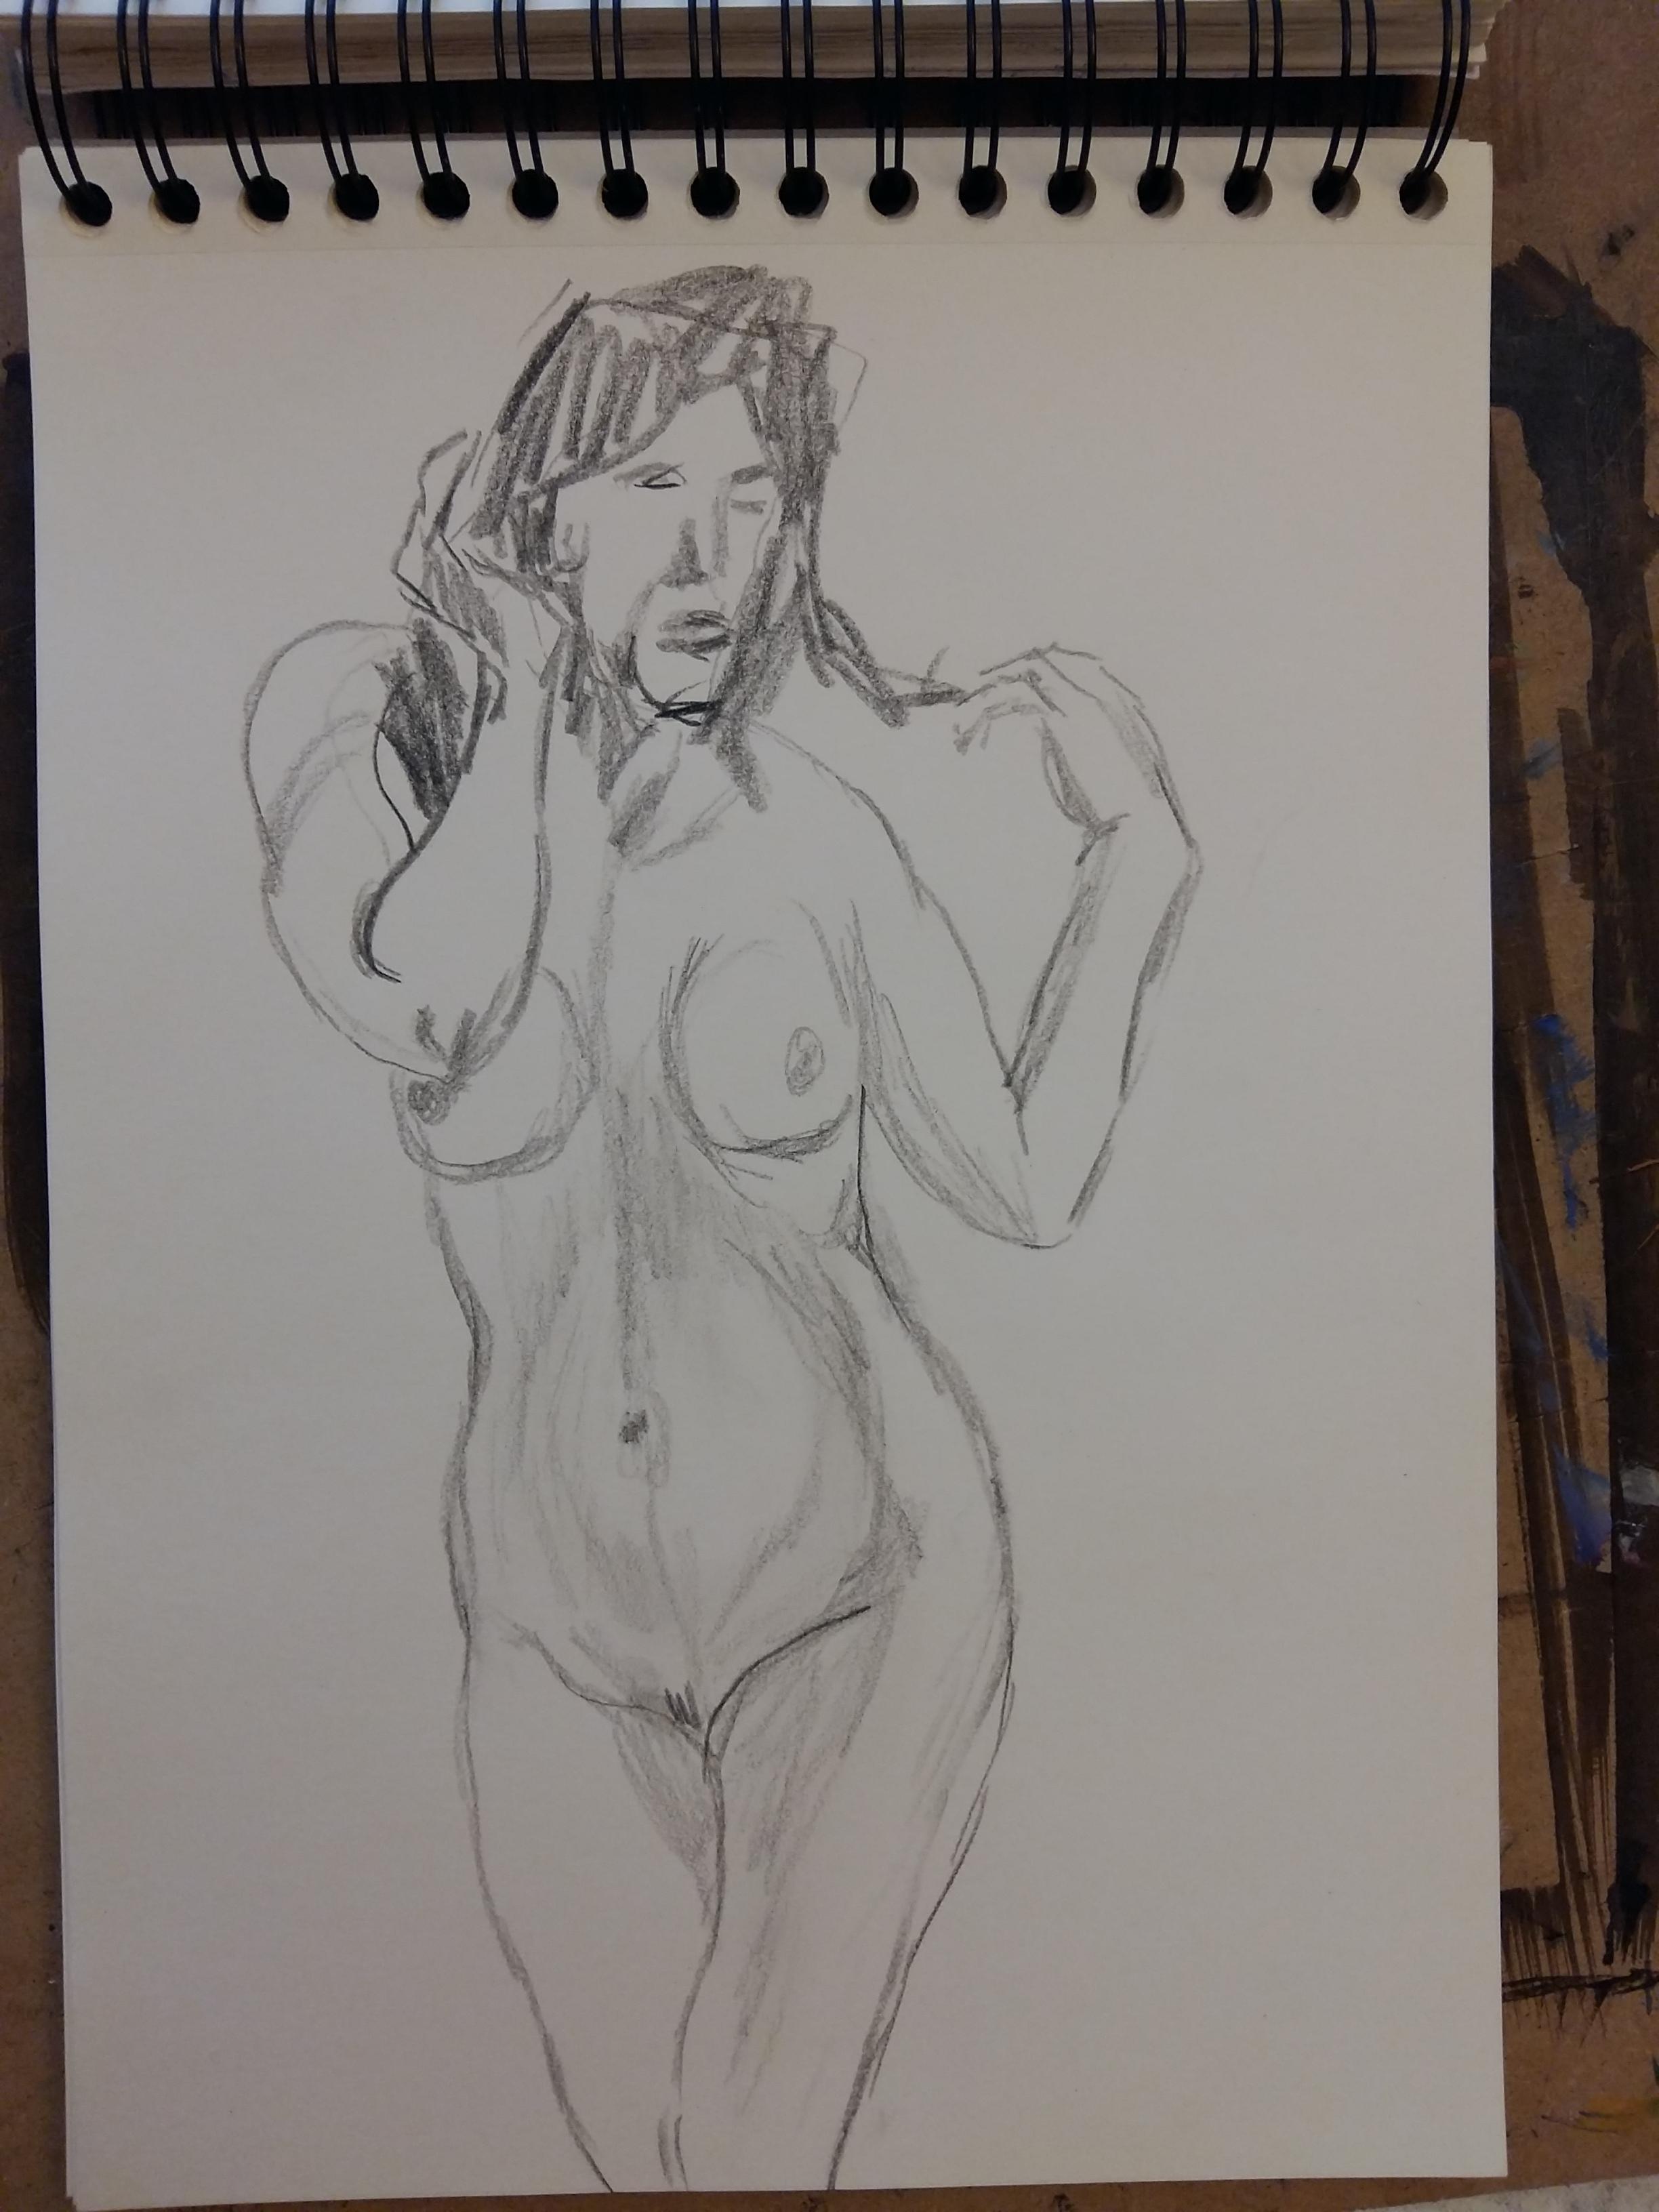 Esquisse rapide graphite crayonné carnet de croquis buste femme  cours de dessin